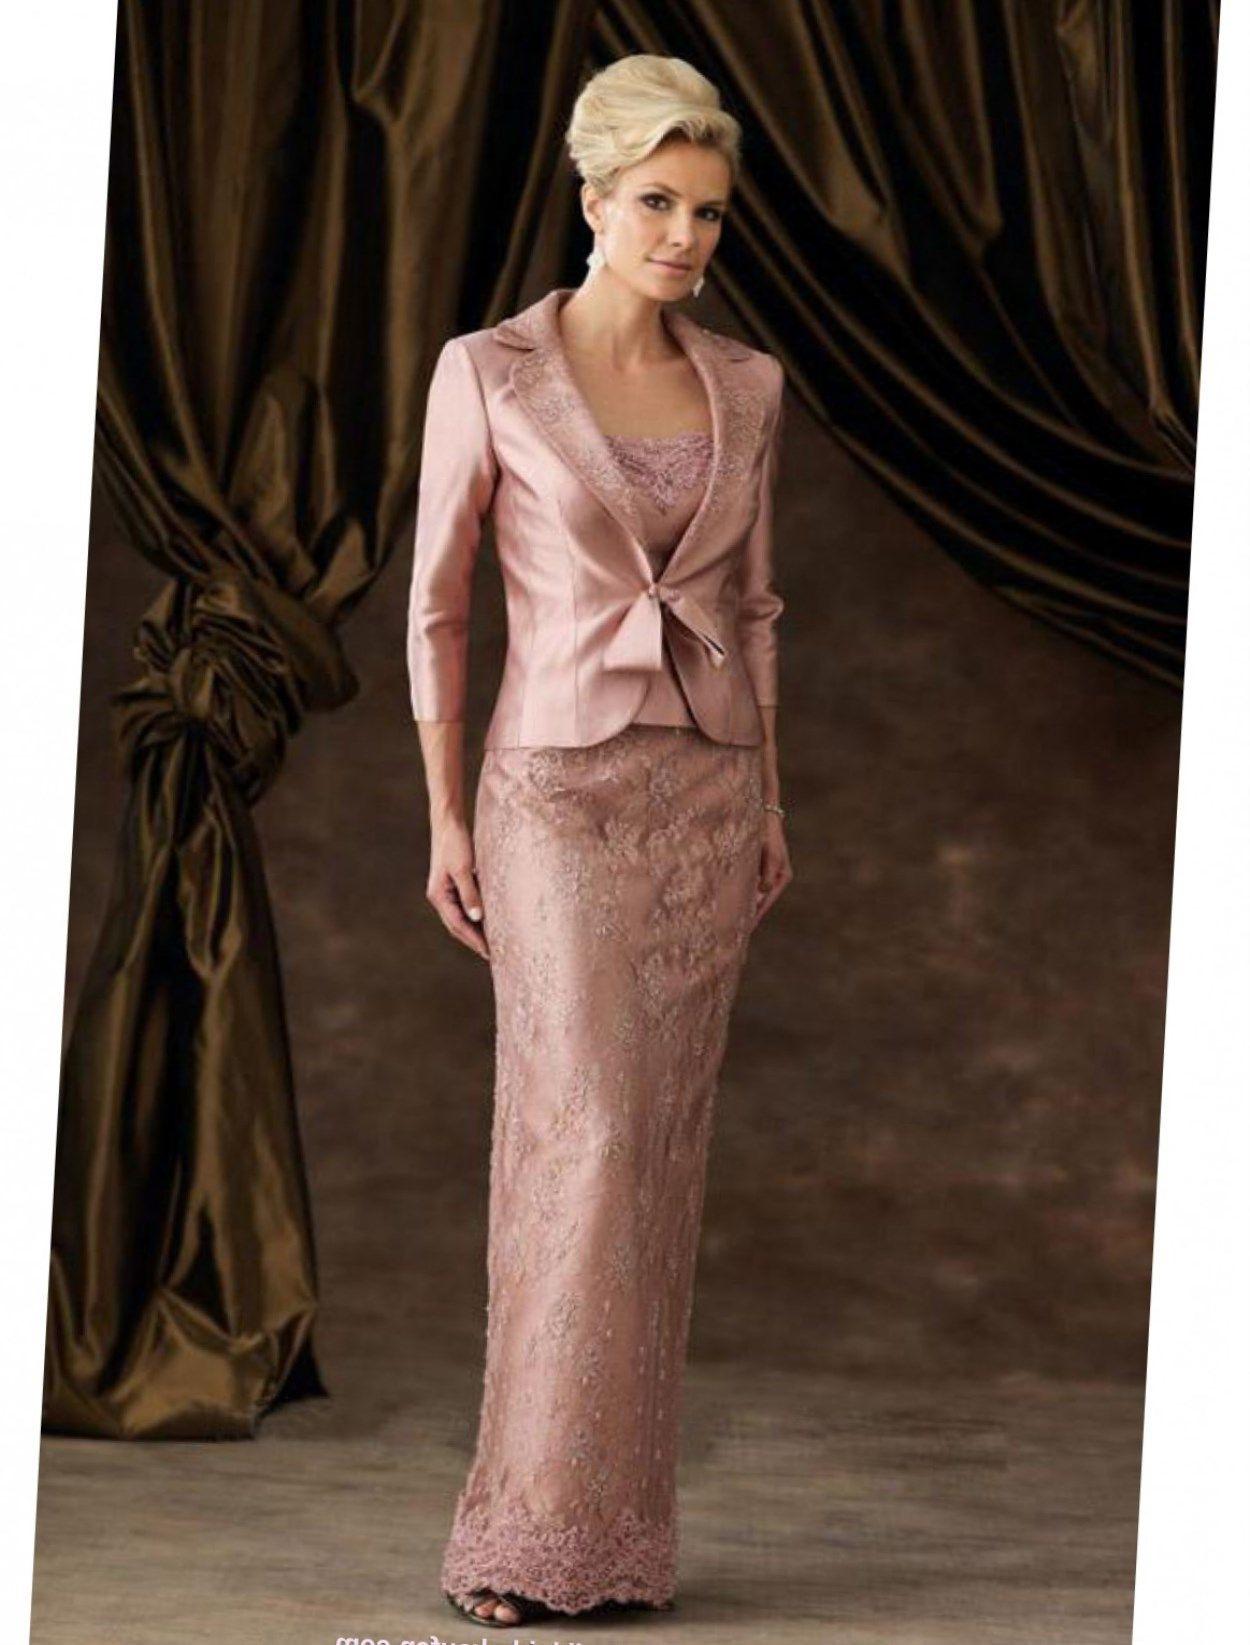 15 Luxus Abendkleider Für Ältere Damen für 2019Designer Top Abendkleider Für Ältere Damen Stylish